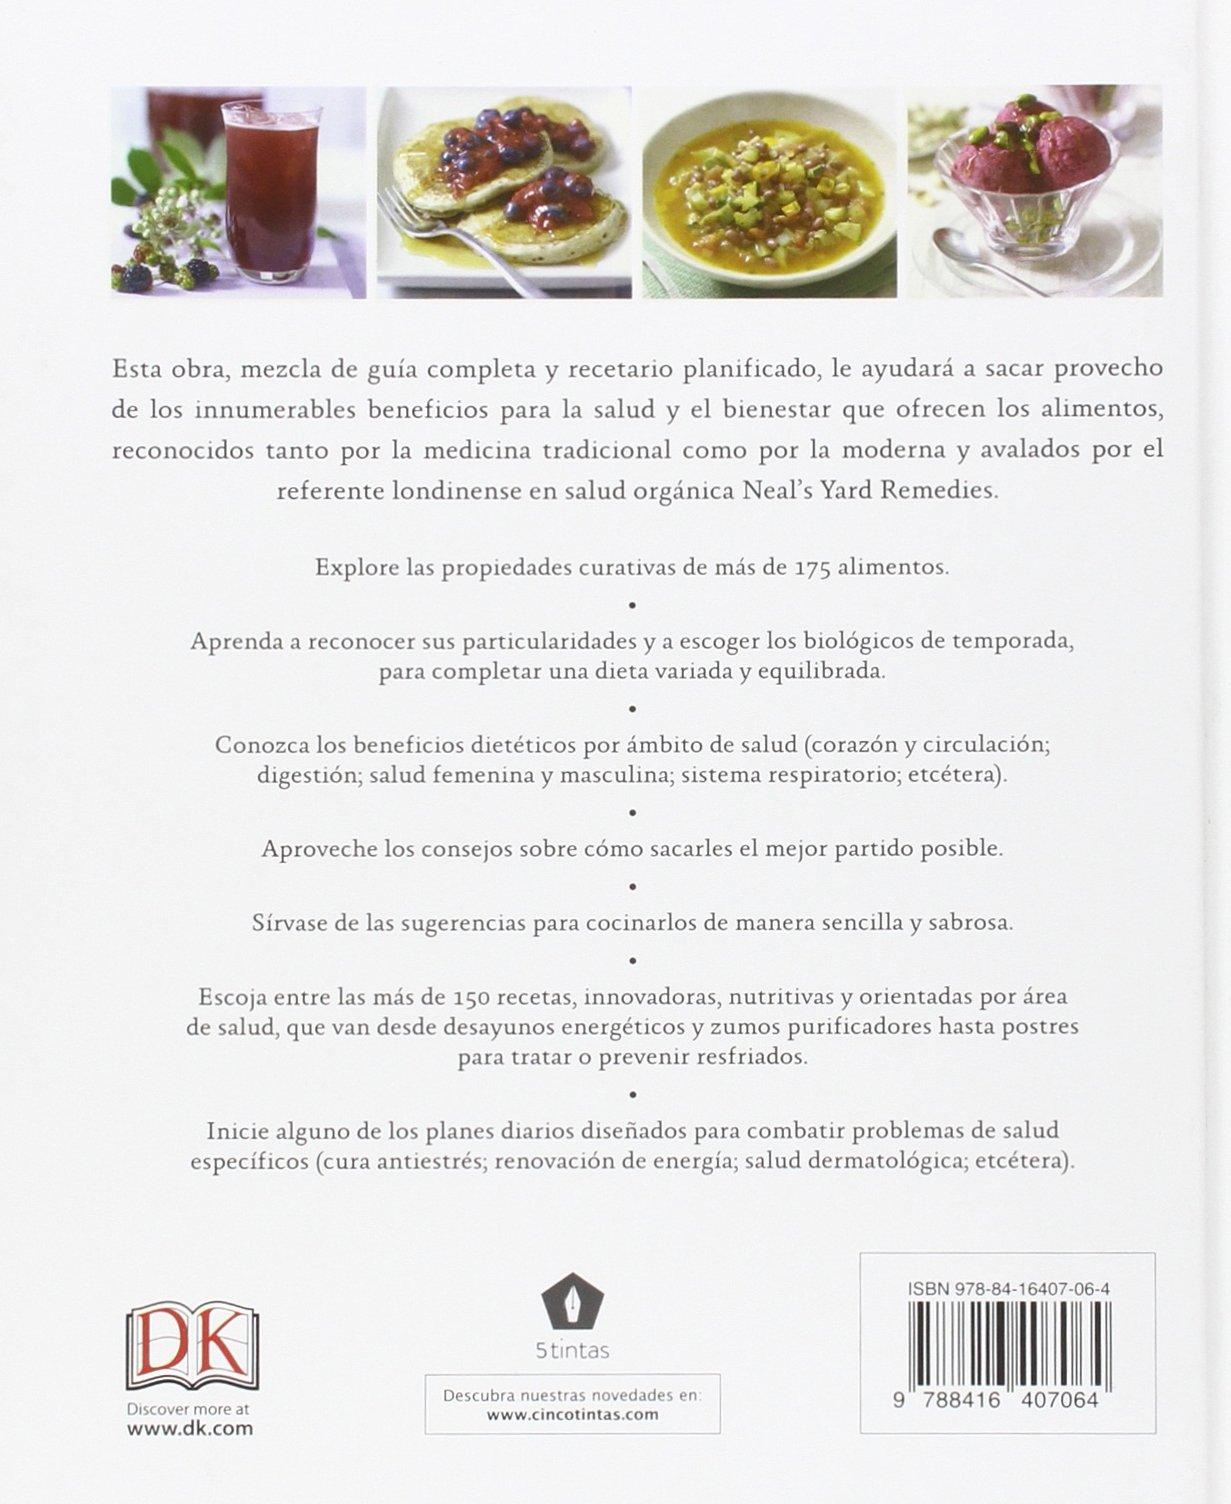 Comida que sana: Alimentos, planes y recetas para una alimentación consciente: Susan;Thomas, Pat;Vilinac, Dragana Curtis: 9788416407064: Amazon.com: Books